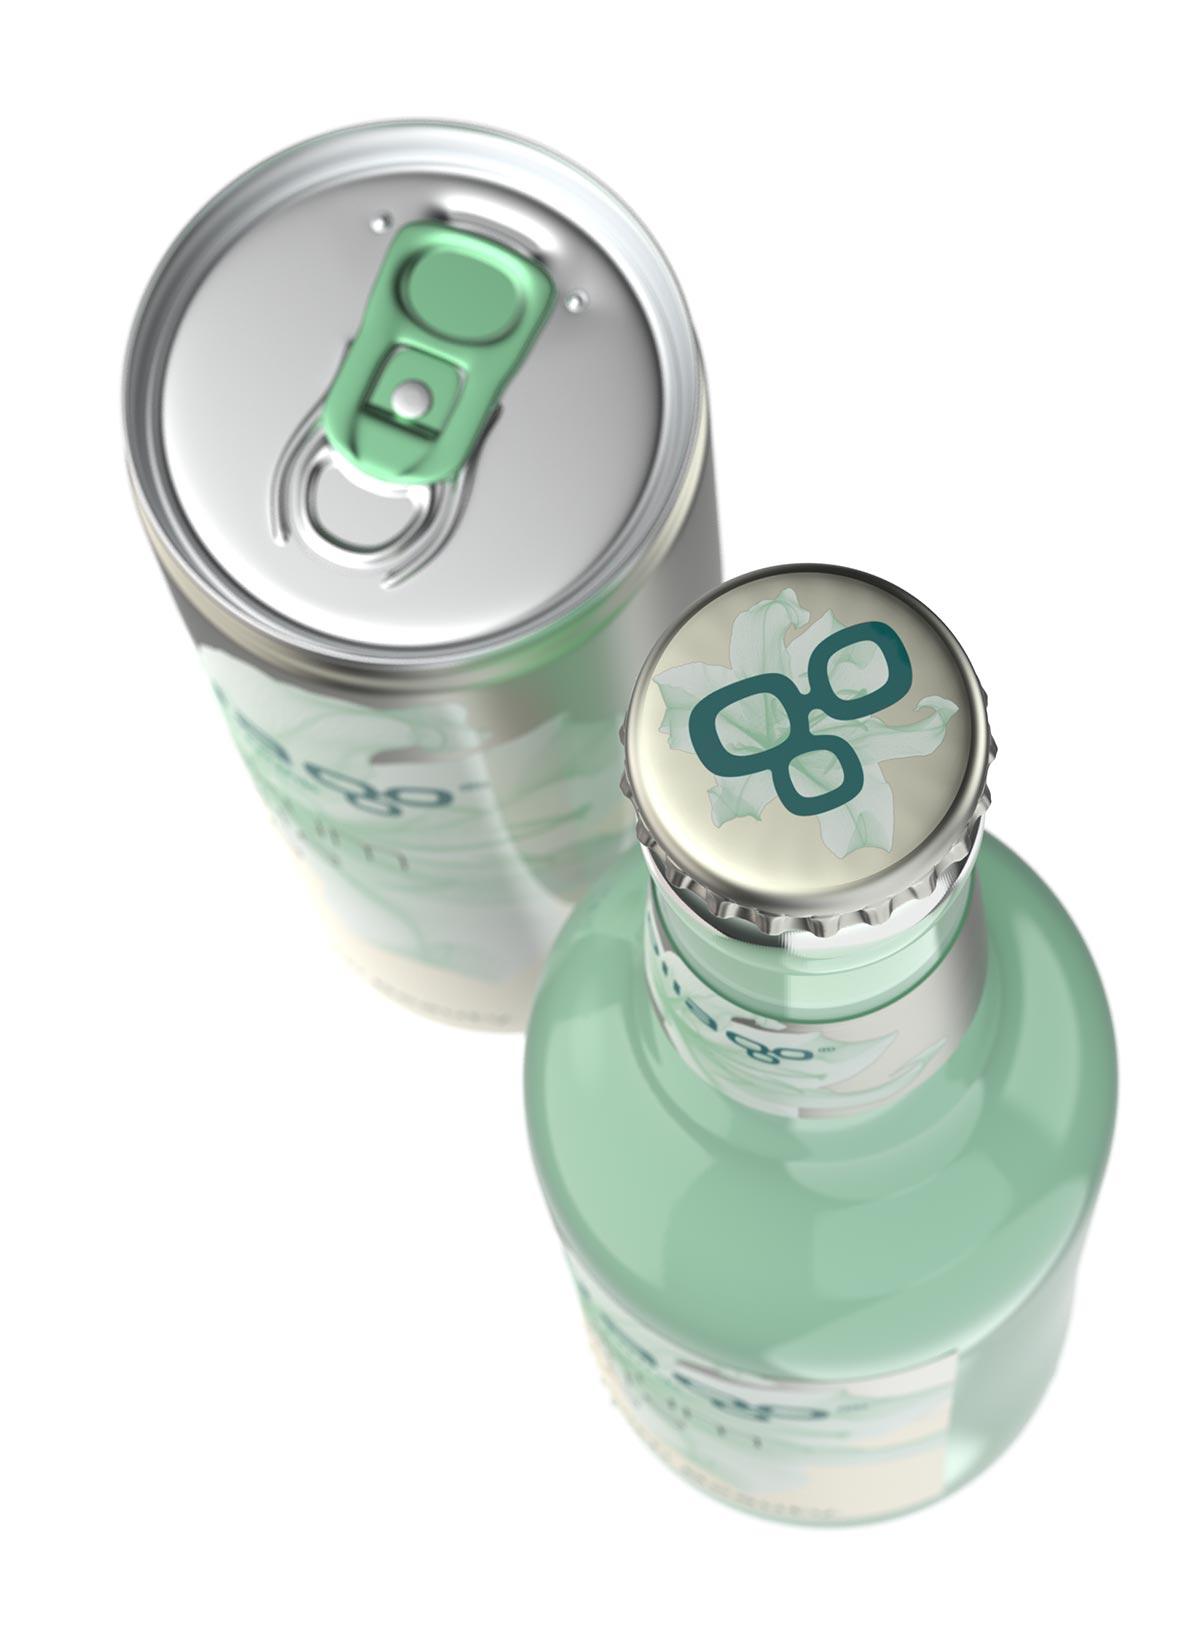 trommer kollago bottle cap design